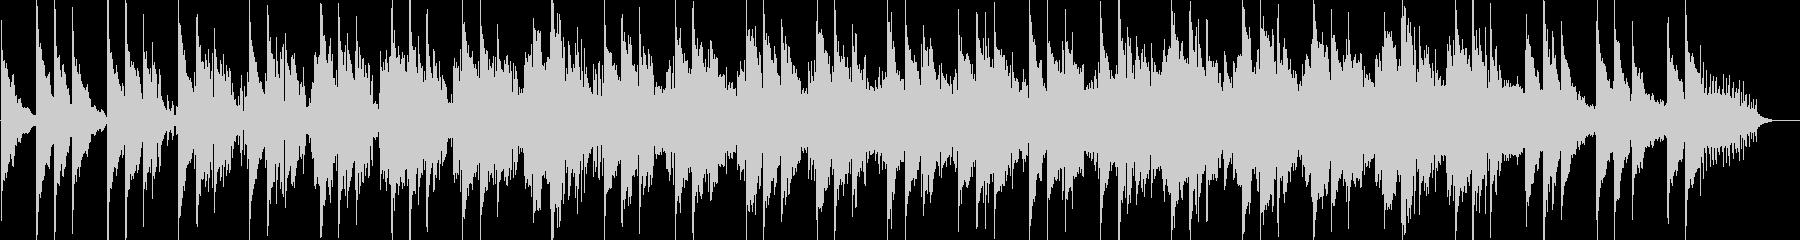 エレクトリックピアノの都会的フュージョンの未再生の波形